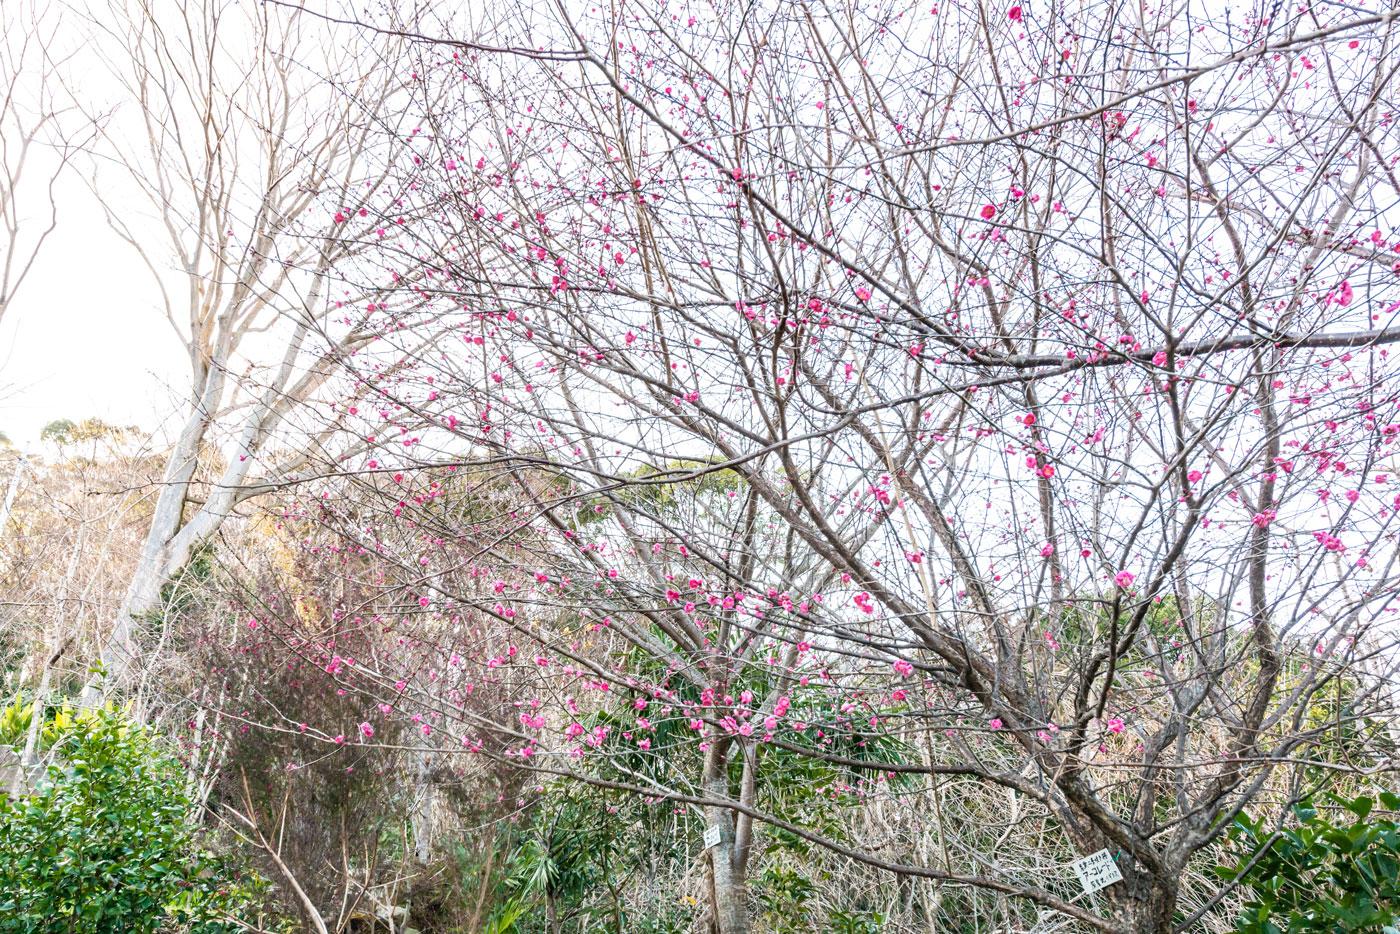 ハルカス・ガーデンの紅梅(2020年1月20日)